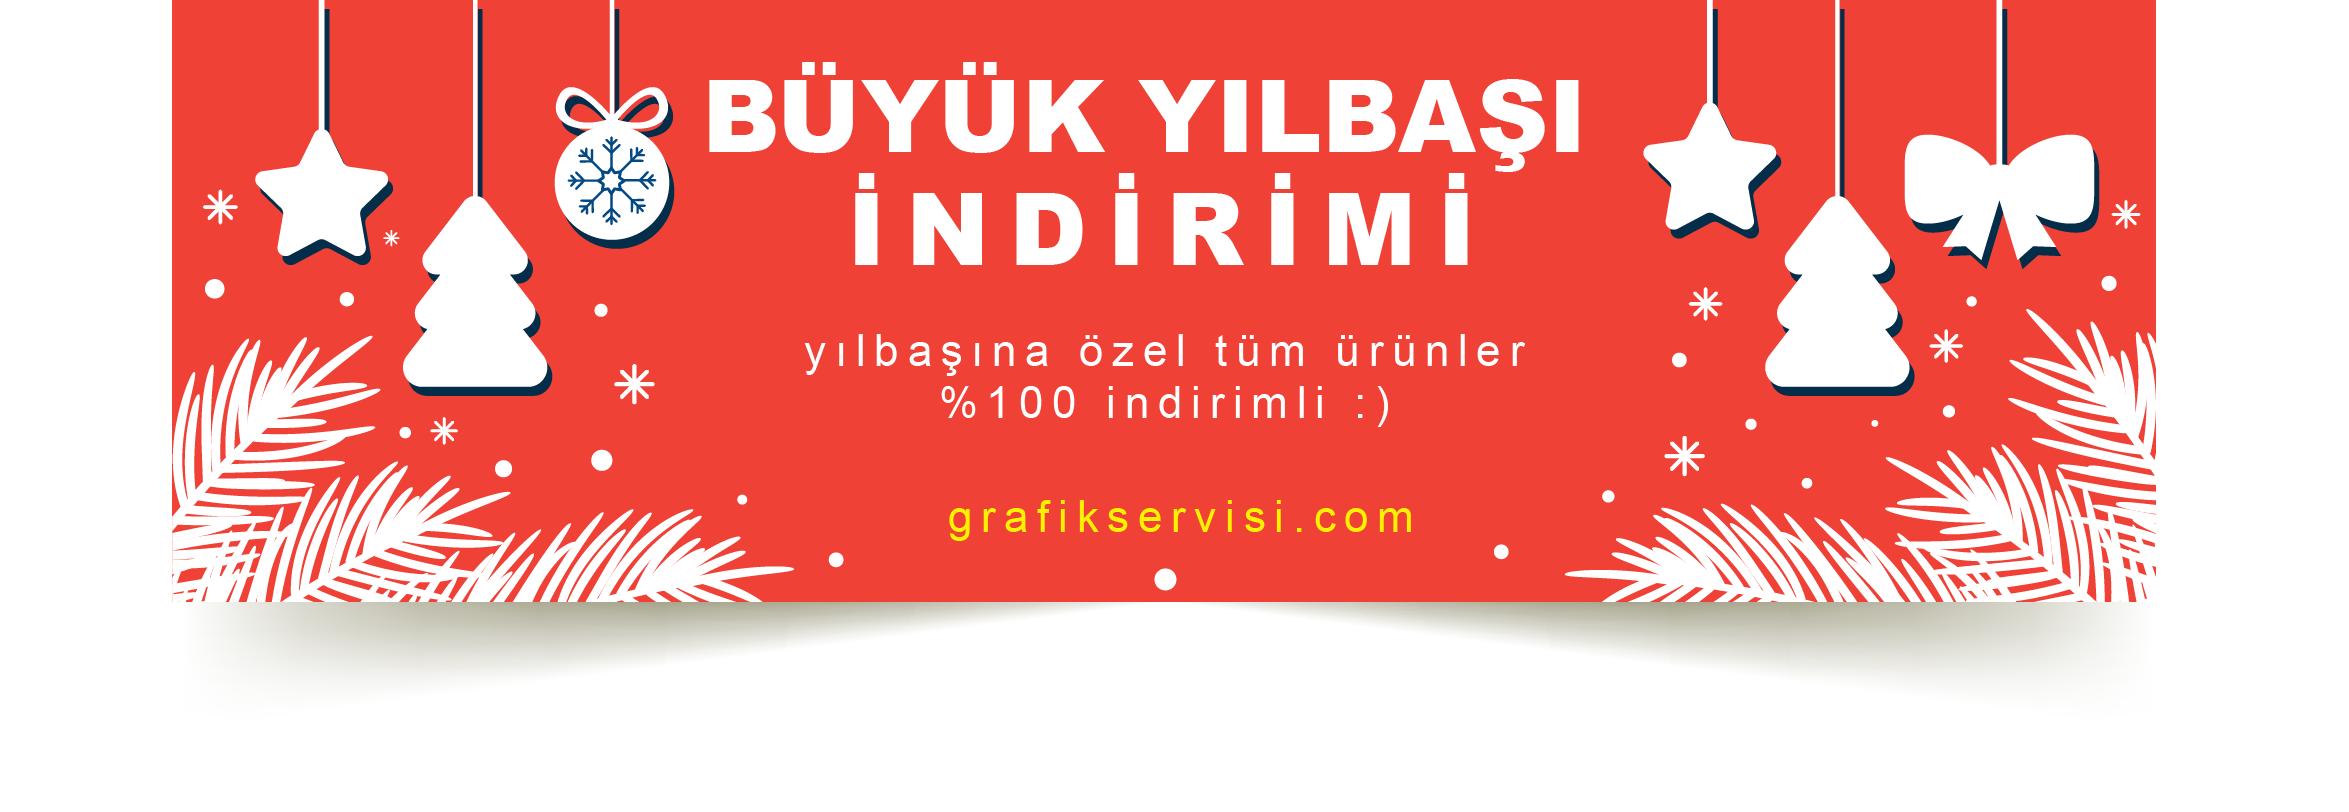 2019-yilbasi-indirim-banner.png